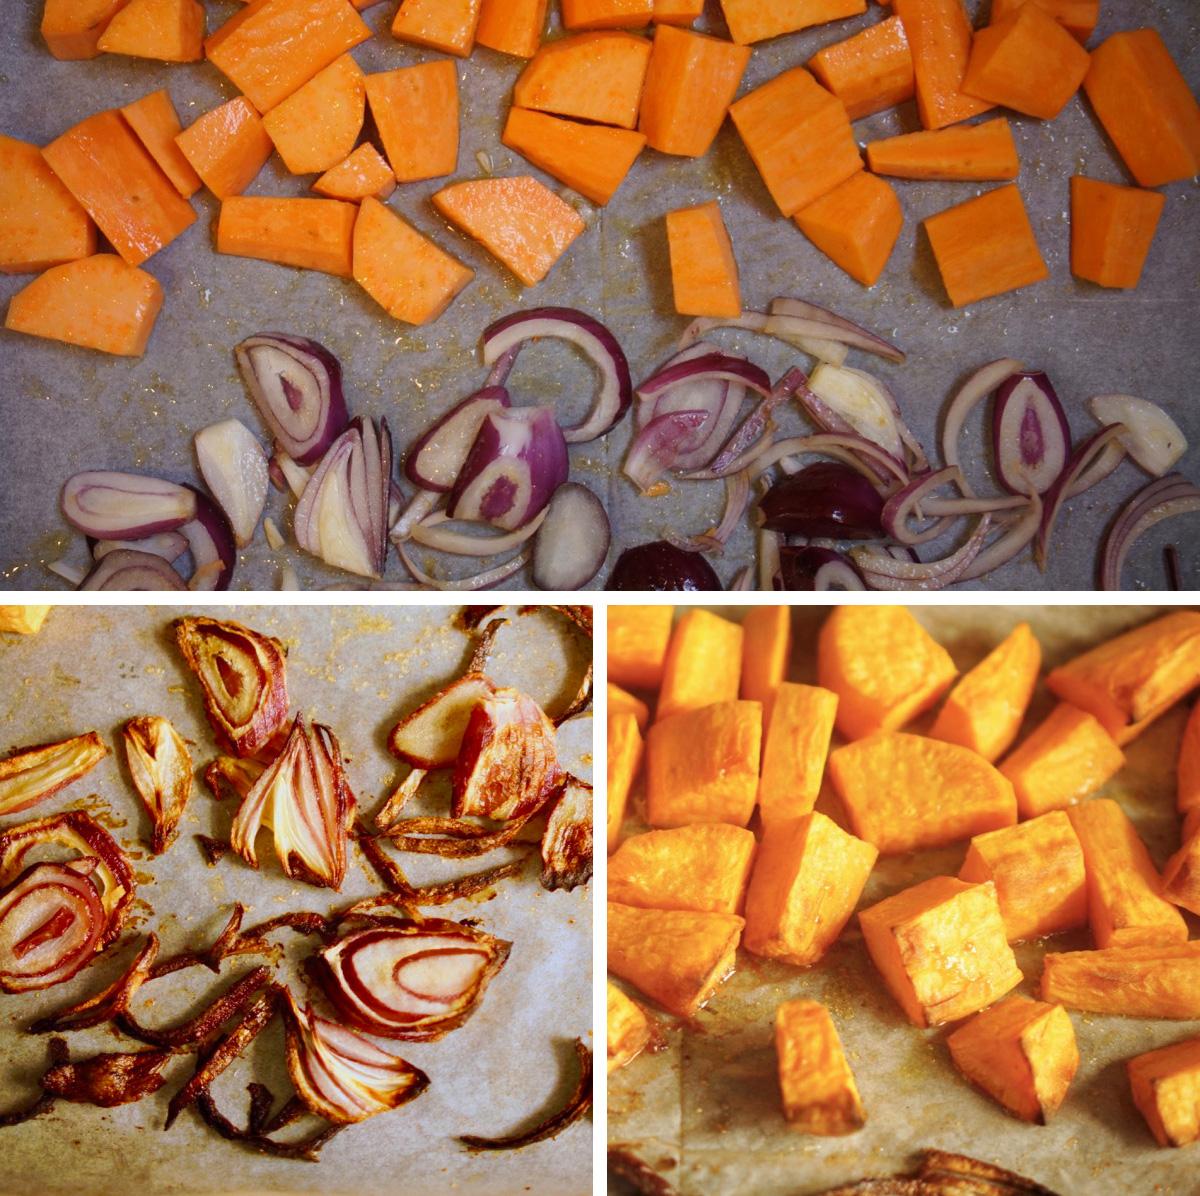 סלט קוסקוס עם בטטות, אדממה ושעועית,גבישס, בלוג האוכל של מירב גביש.